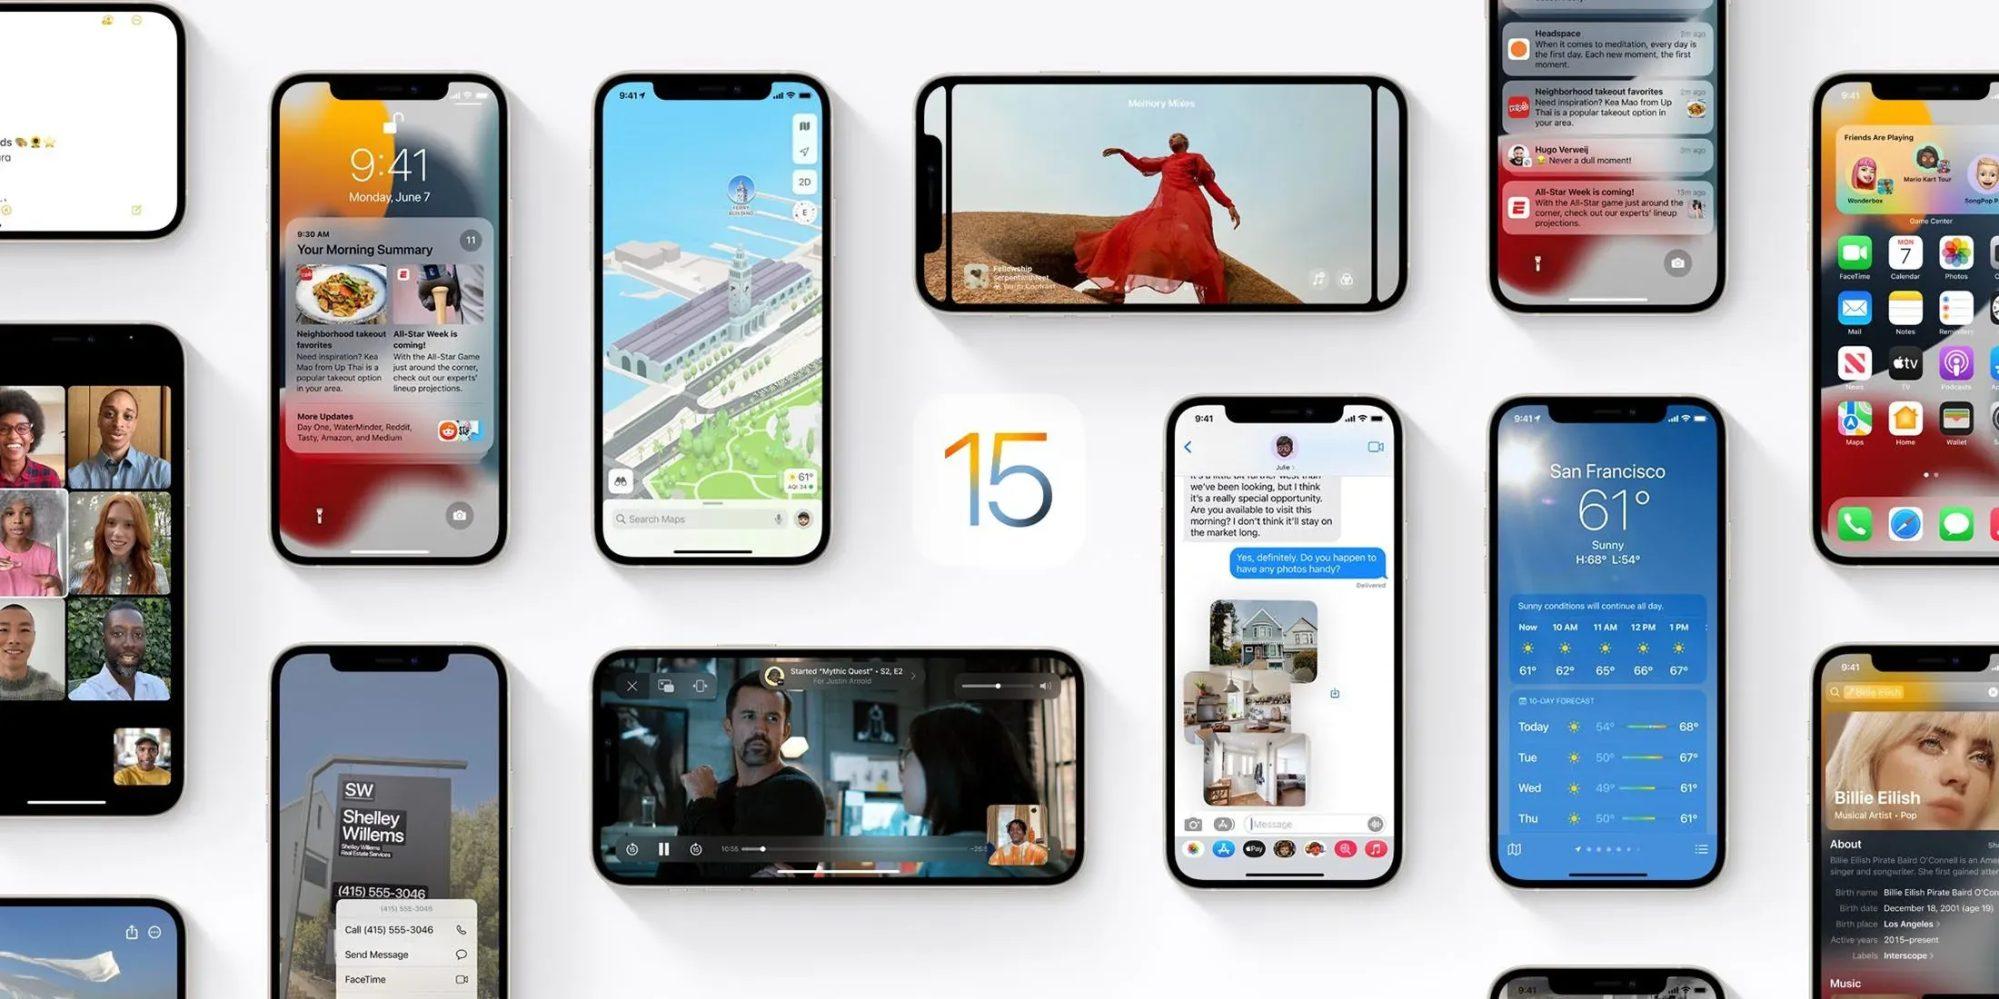 أبل تطرح تحديث iOS 15.0.2 مع إصلاح بعض الأخطاء